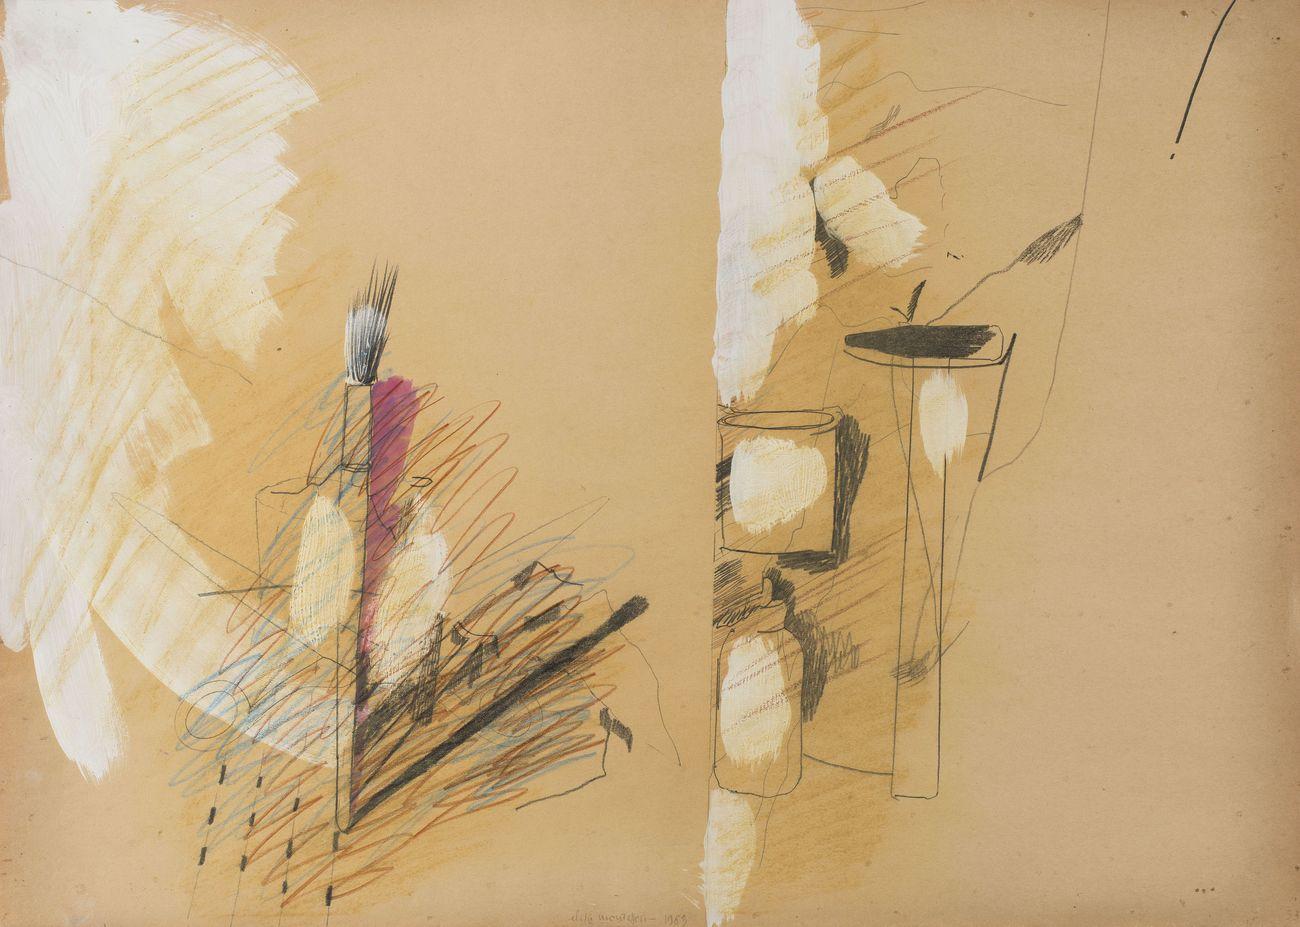 Elisa Montessori, Natura morta con pennello, 1983, grafite, pastelli su carta da spolvero, 50 x 70 cm. Courtesy l'artista & Monitor, Roma Lisbona